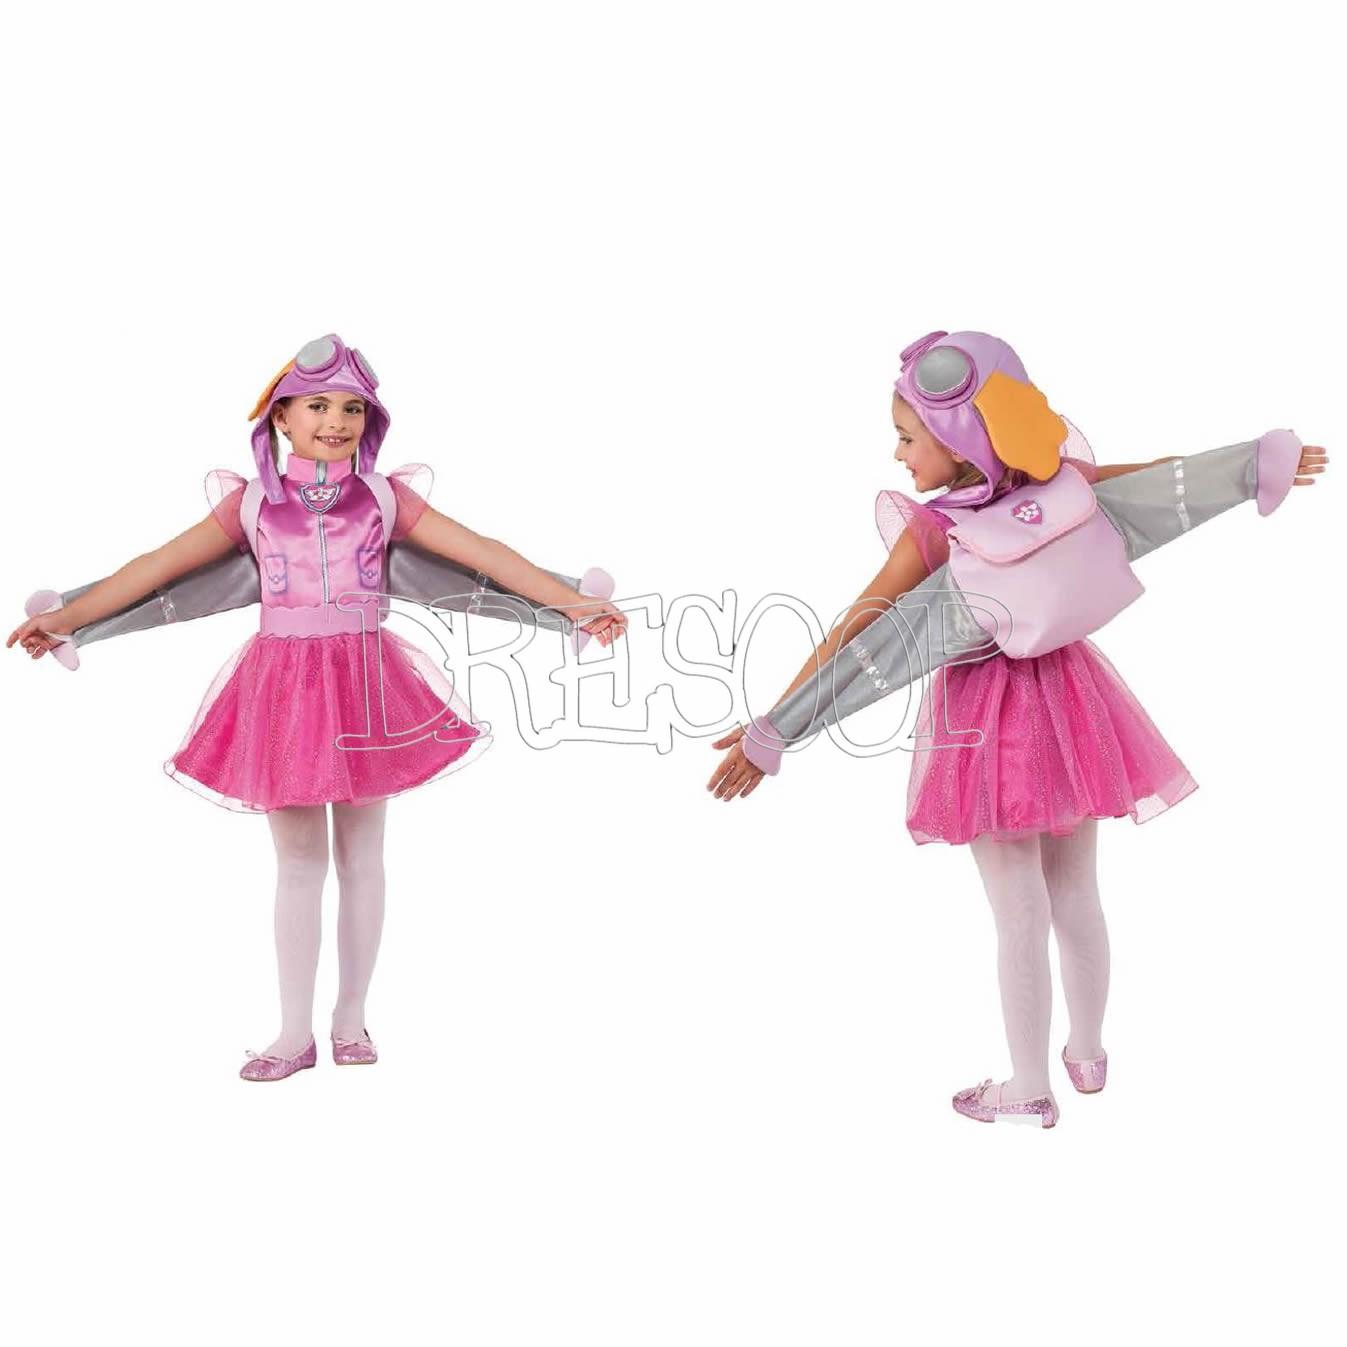 Disfraz Skye Paw Patrol para niña